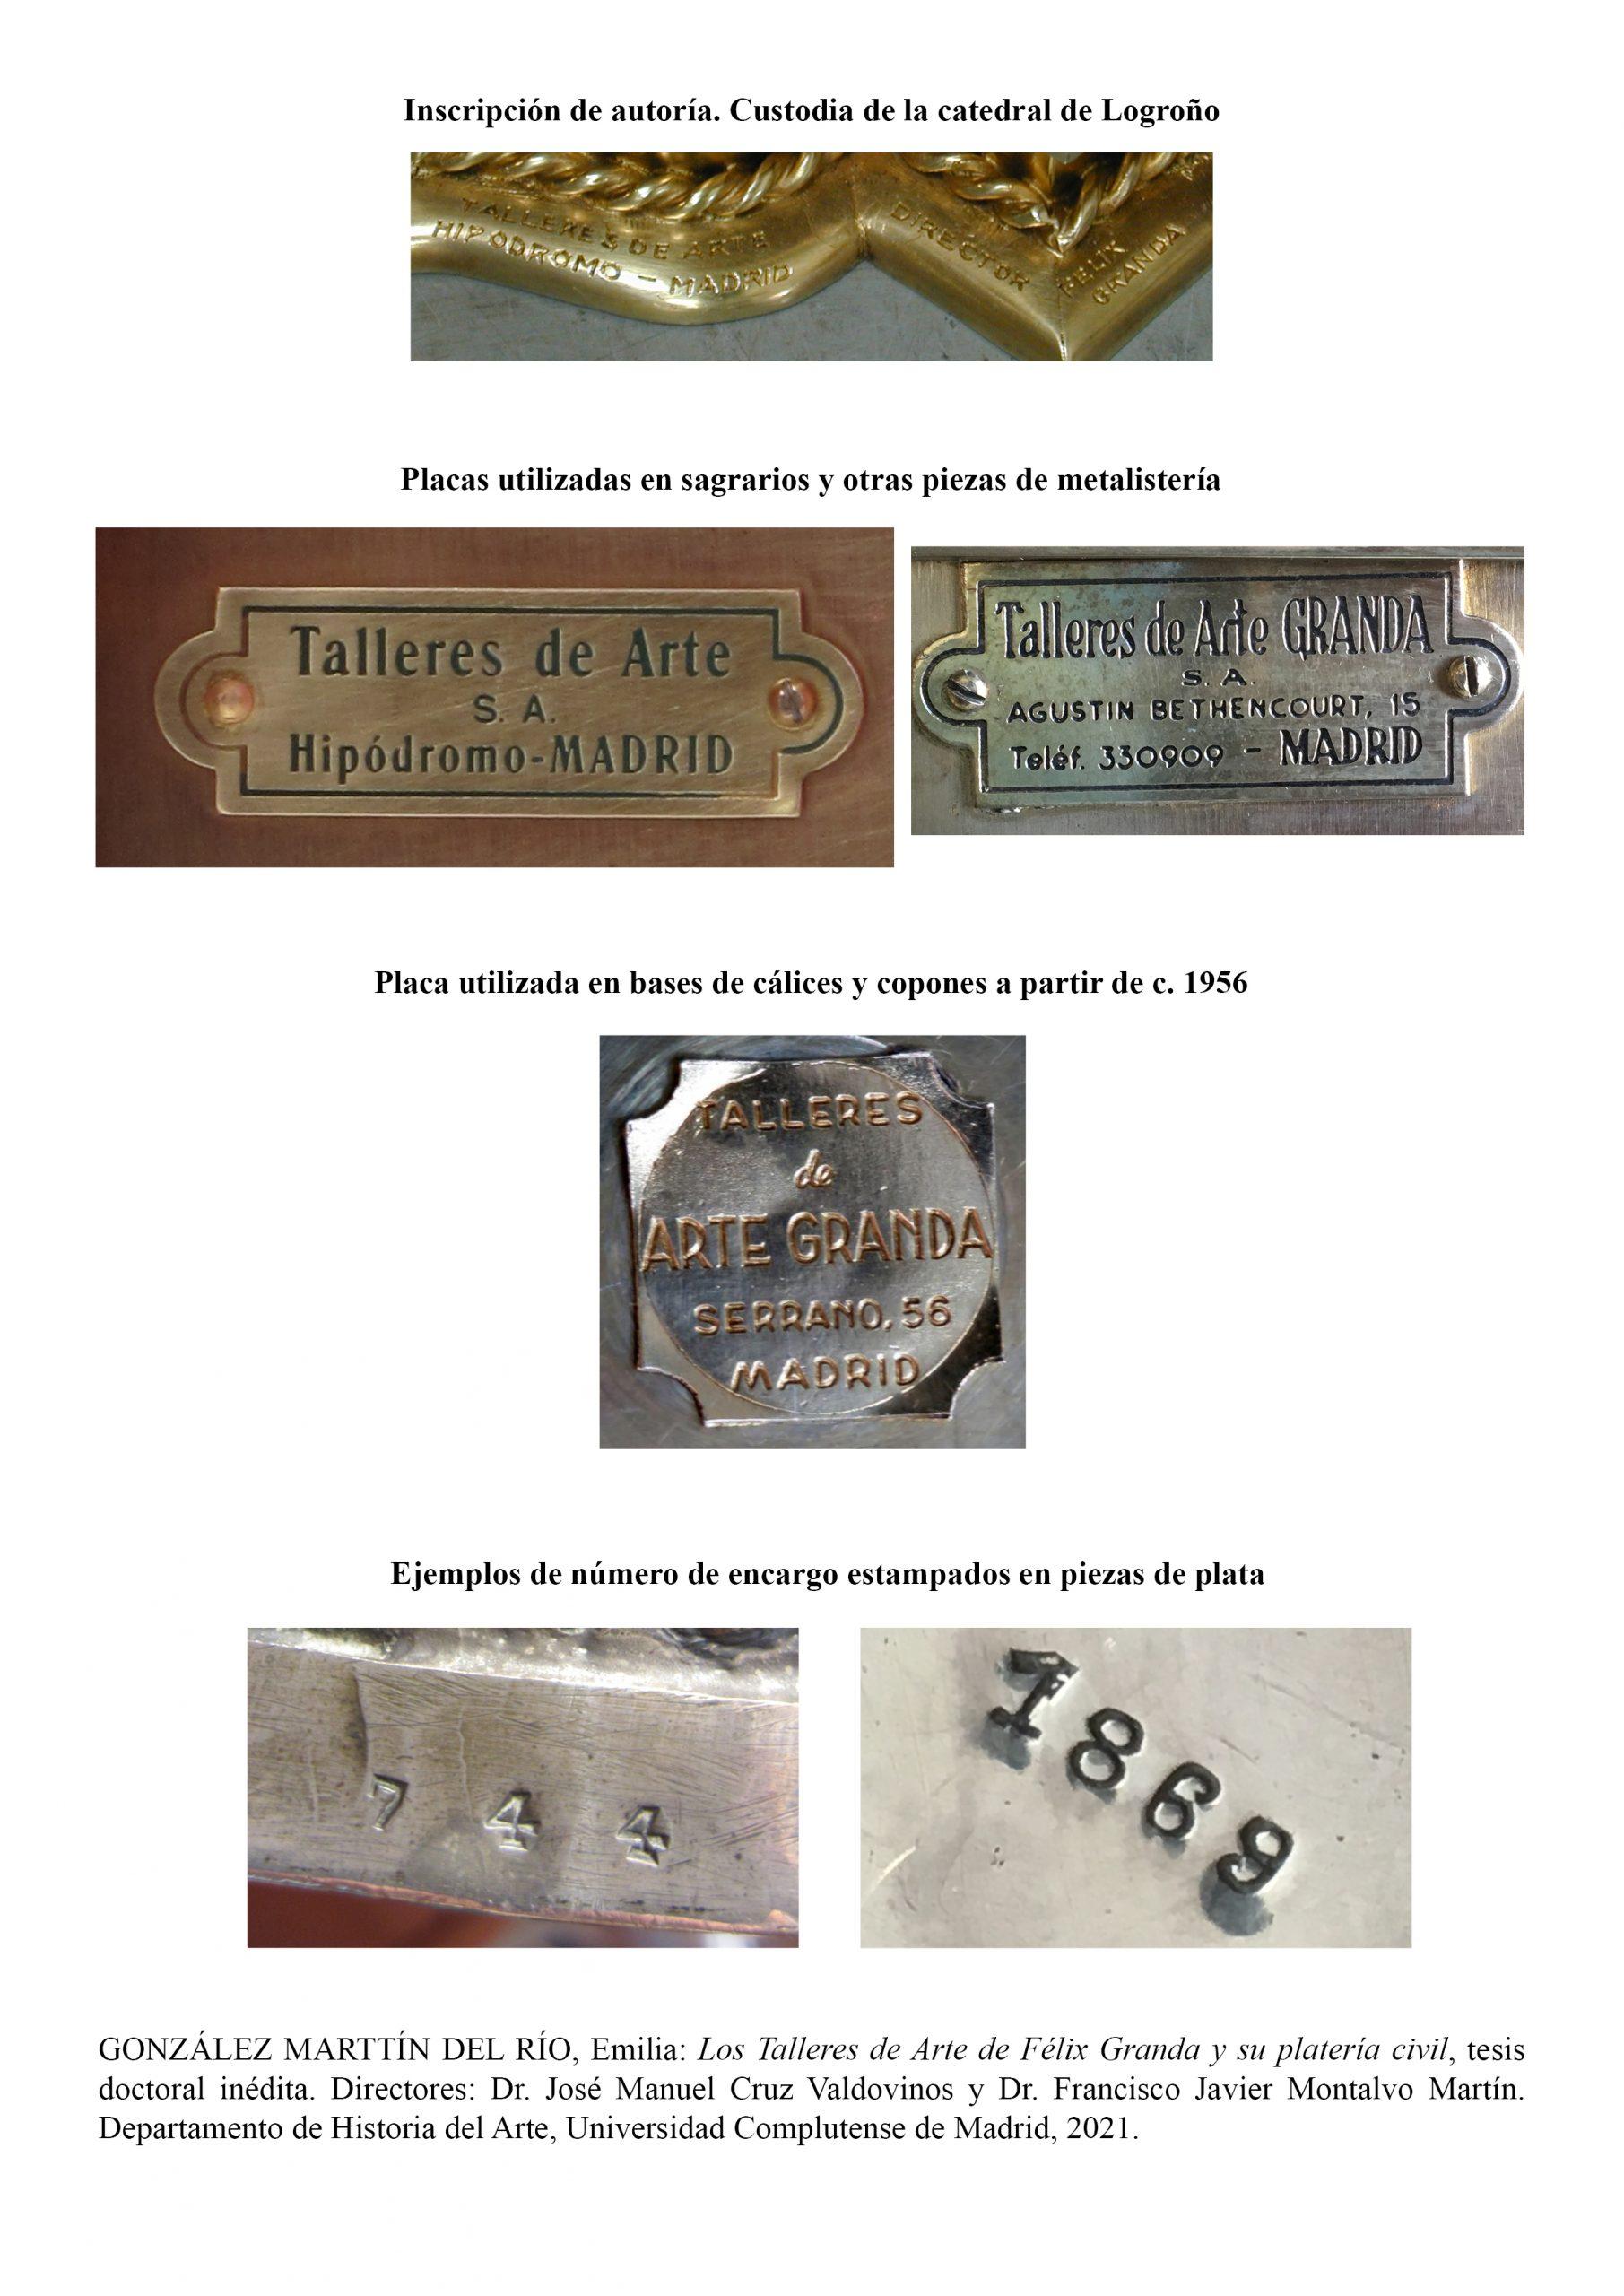 Inscripciones en piezas de los Talleres de Arte